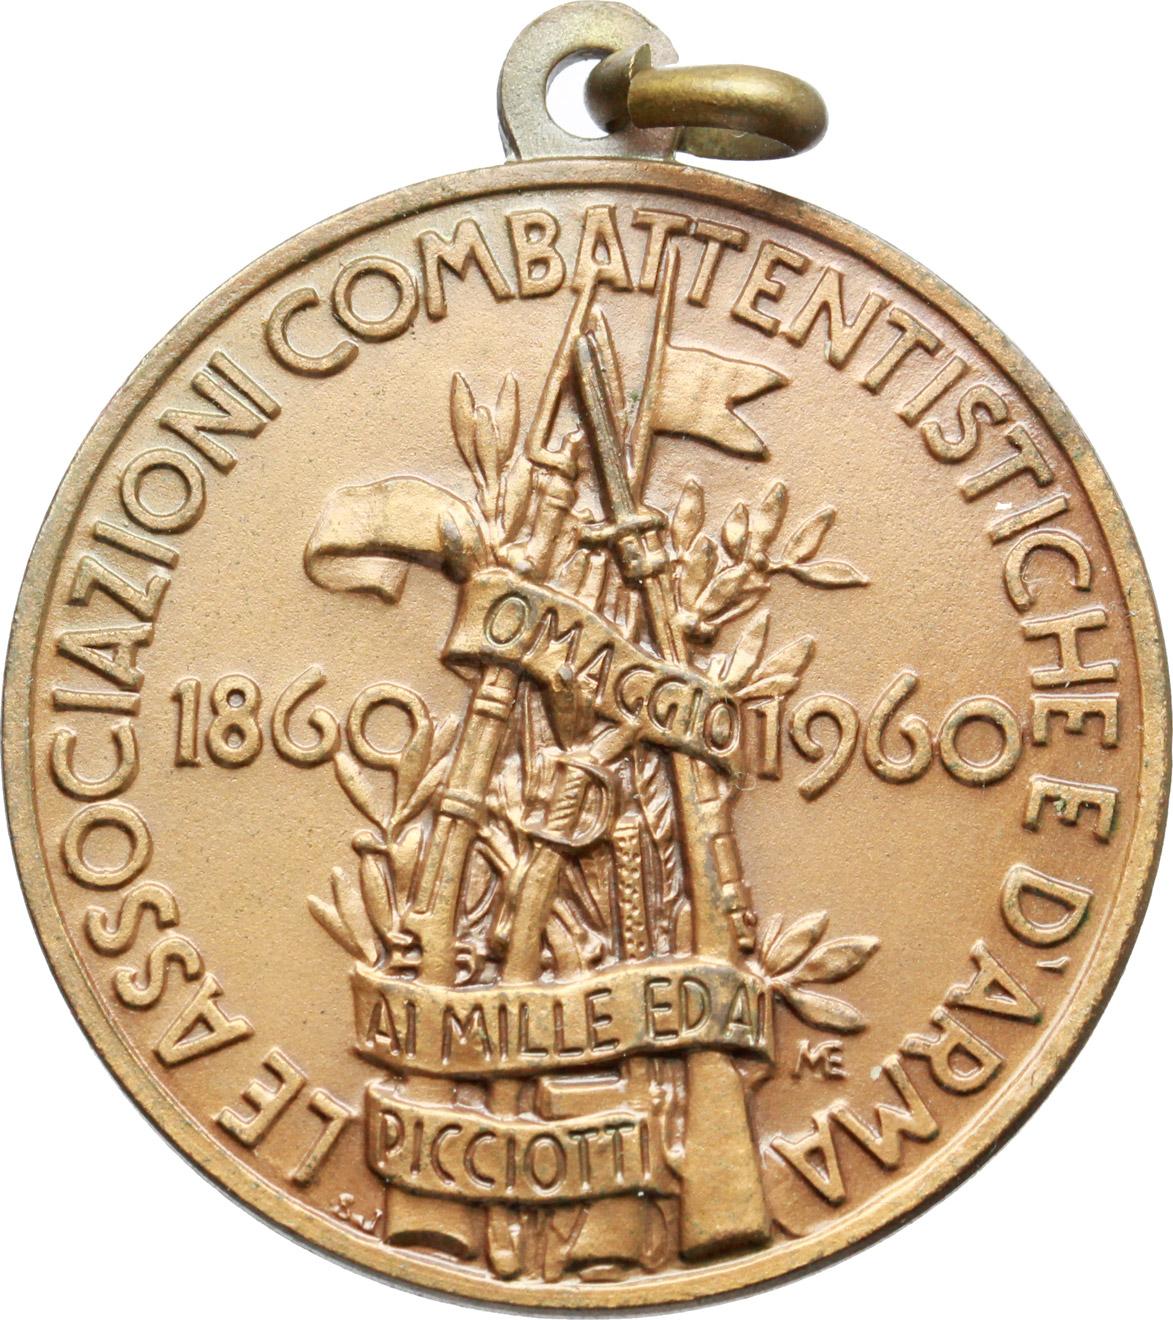 R/  Medaglia Le Associazioni Combattentistiche e d'Arma, 1860-1960. Raduno Nazionale di Palermo, 27 maggio 1960.     AE.   mm. 32.00    SPL.